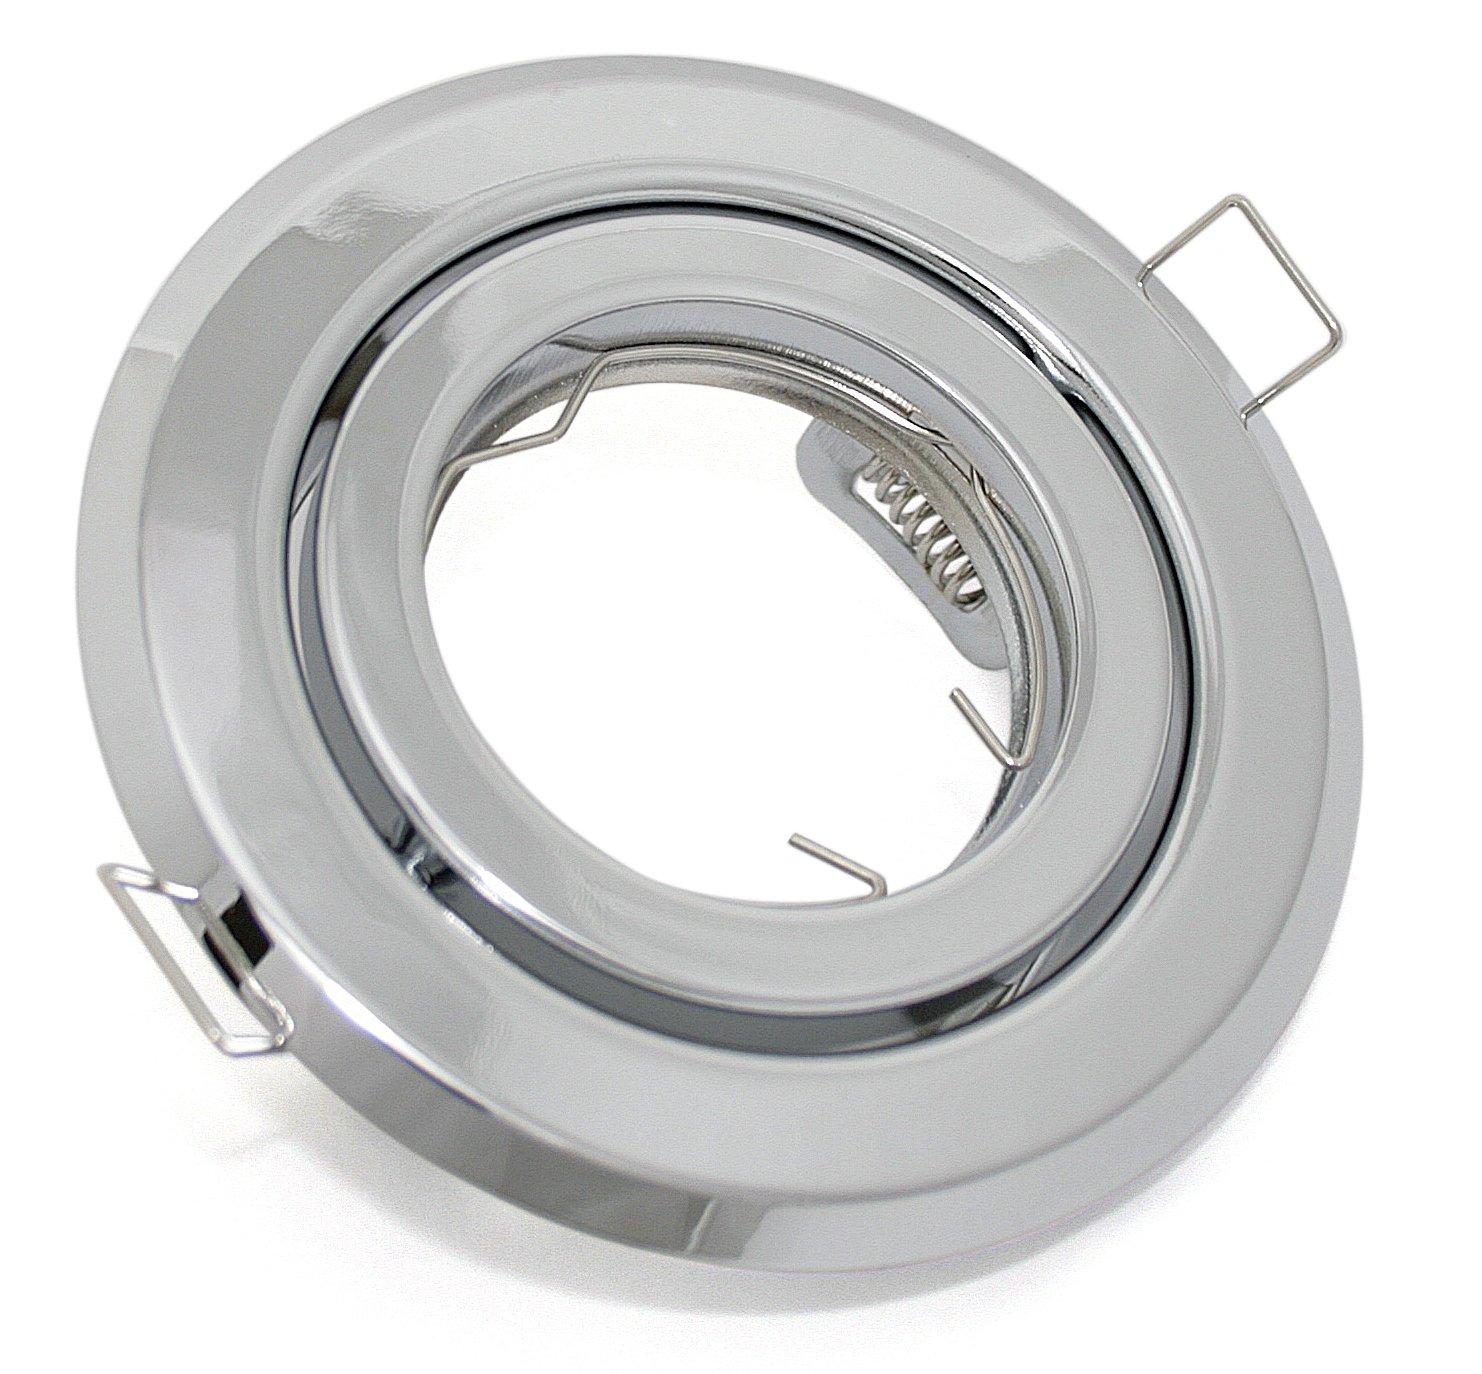 /IP20/ Spot encastrable rond et inclinable/ /Sans ampoule/ /Convient pour ampoules LED et halog/ène avec 51/MM Diam/èt /Chrome Brillant/ //Ø 100/mm/